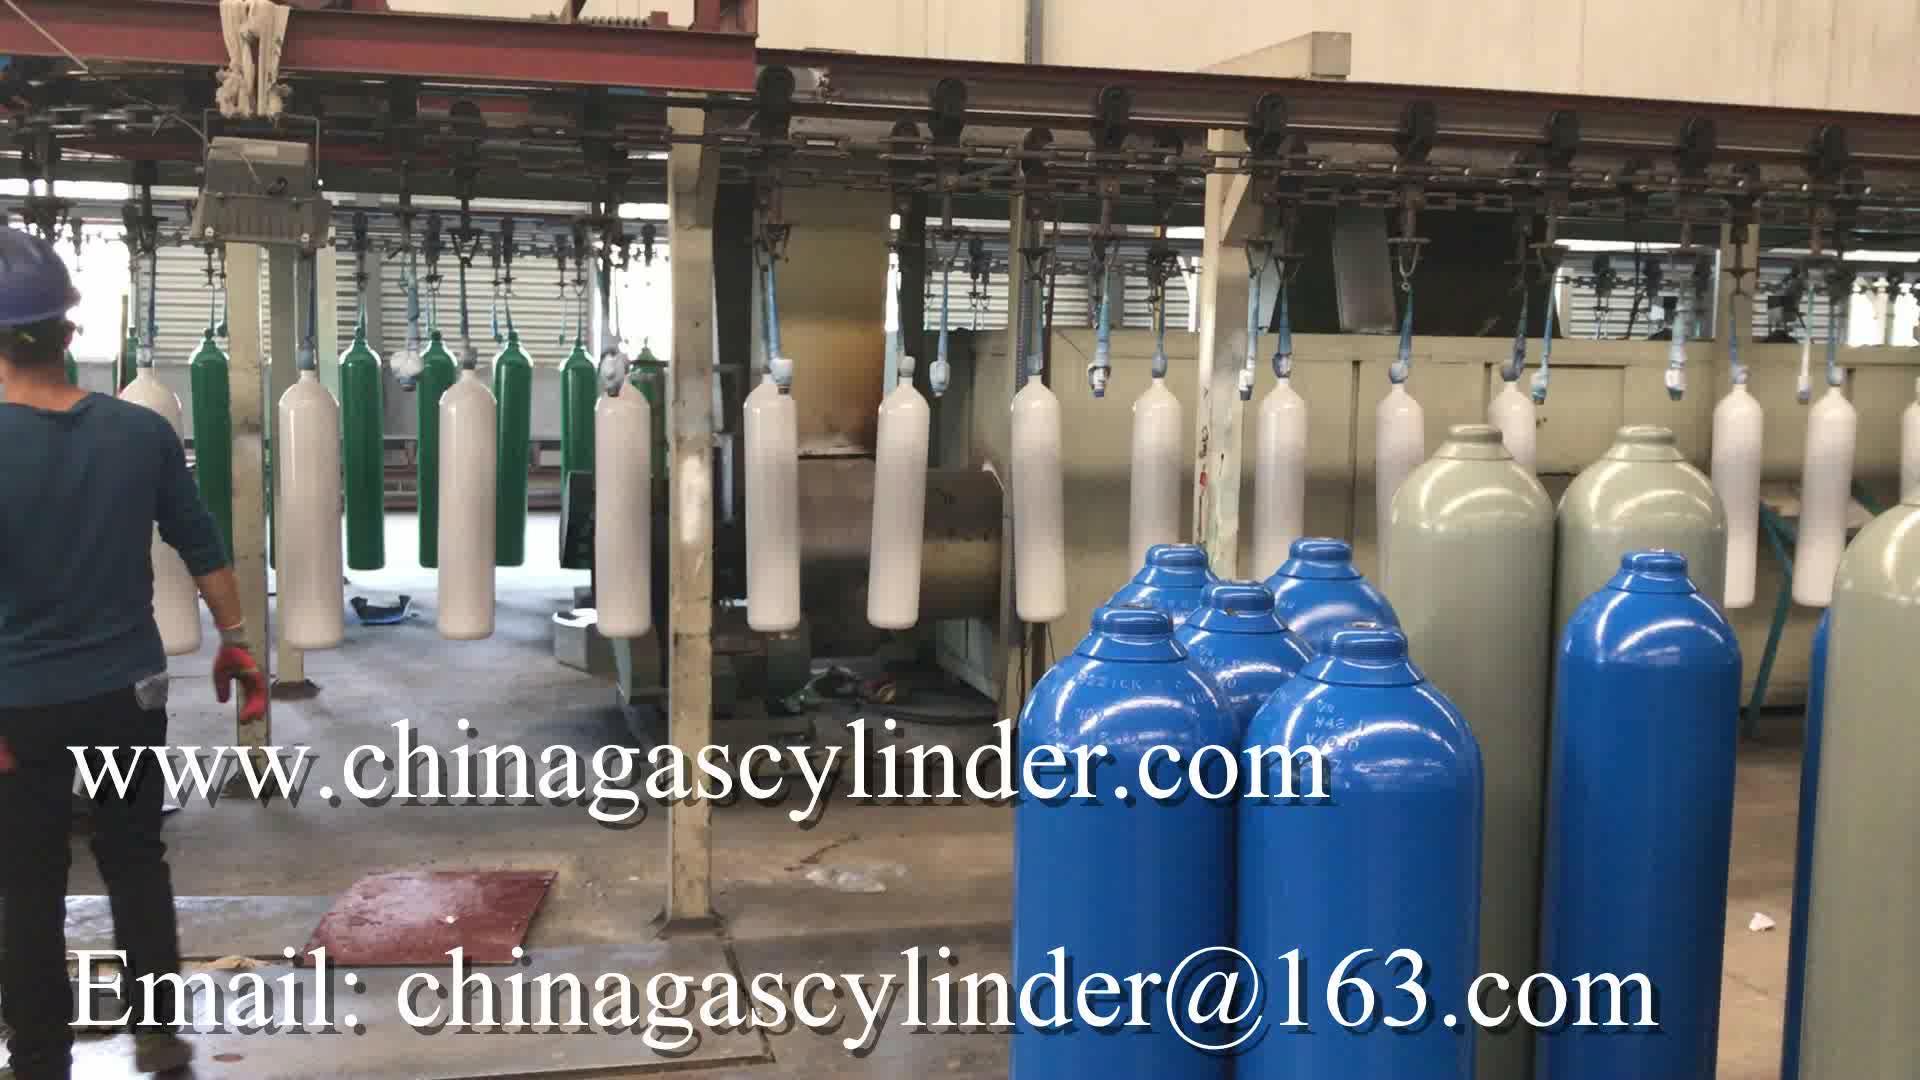 WMA219-40-15 Model 40L Empty Helium Gas Cylinder